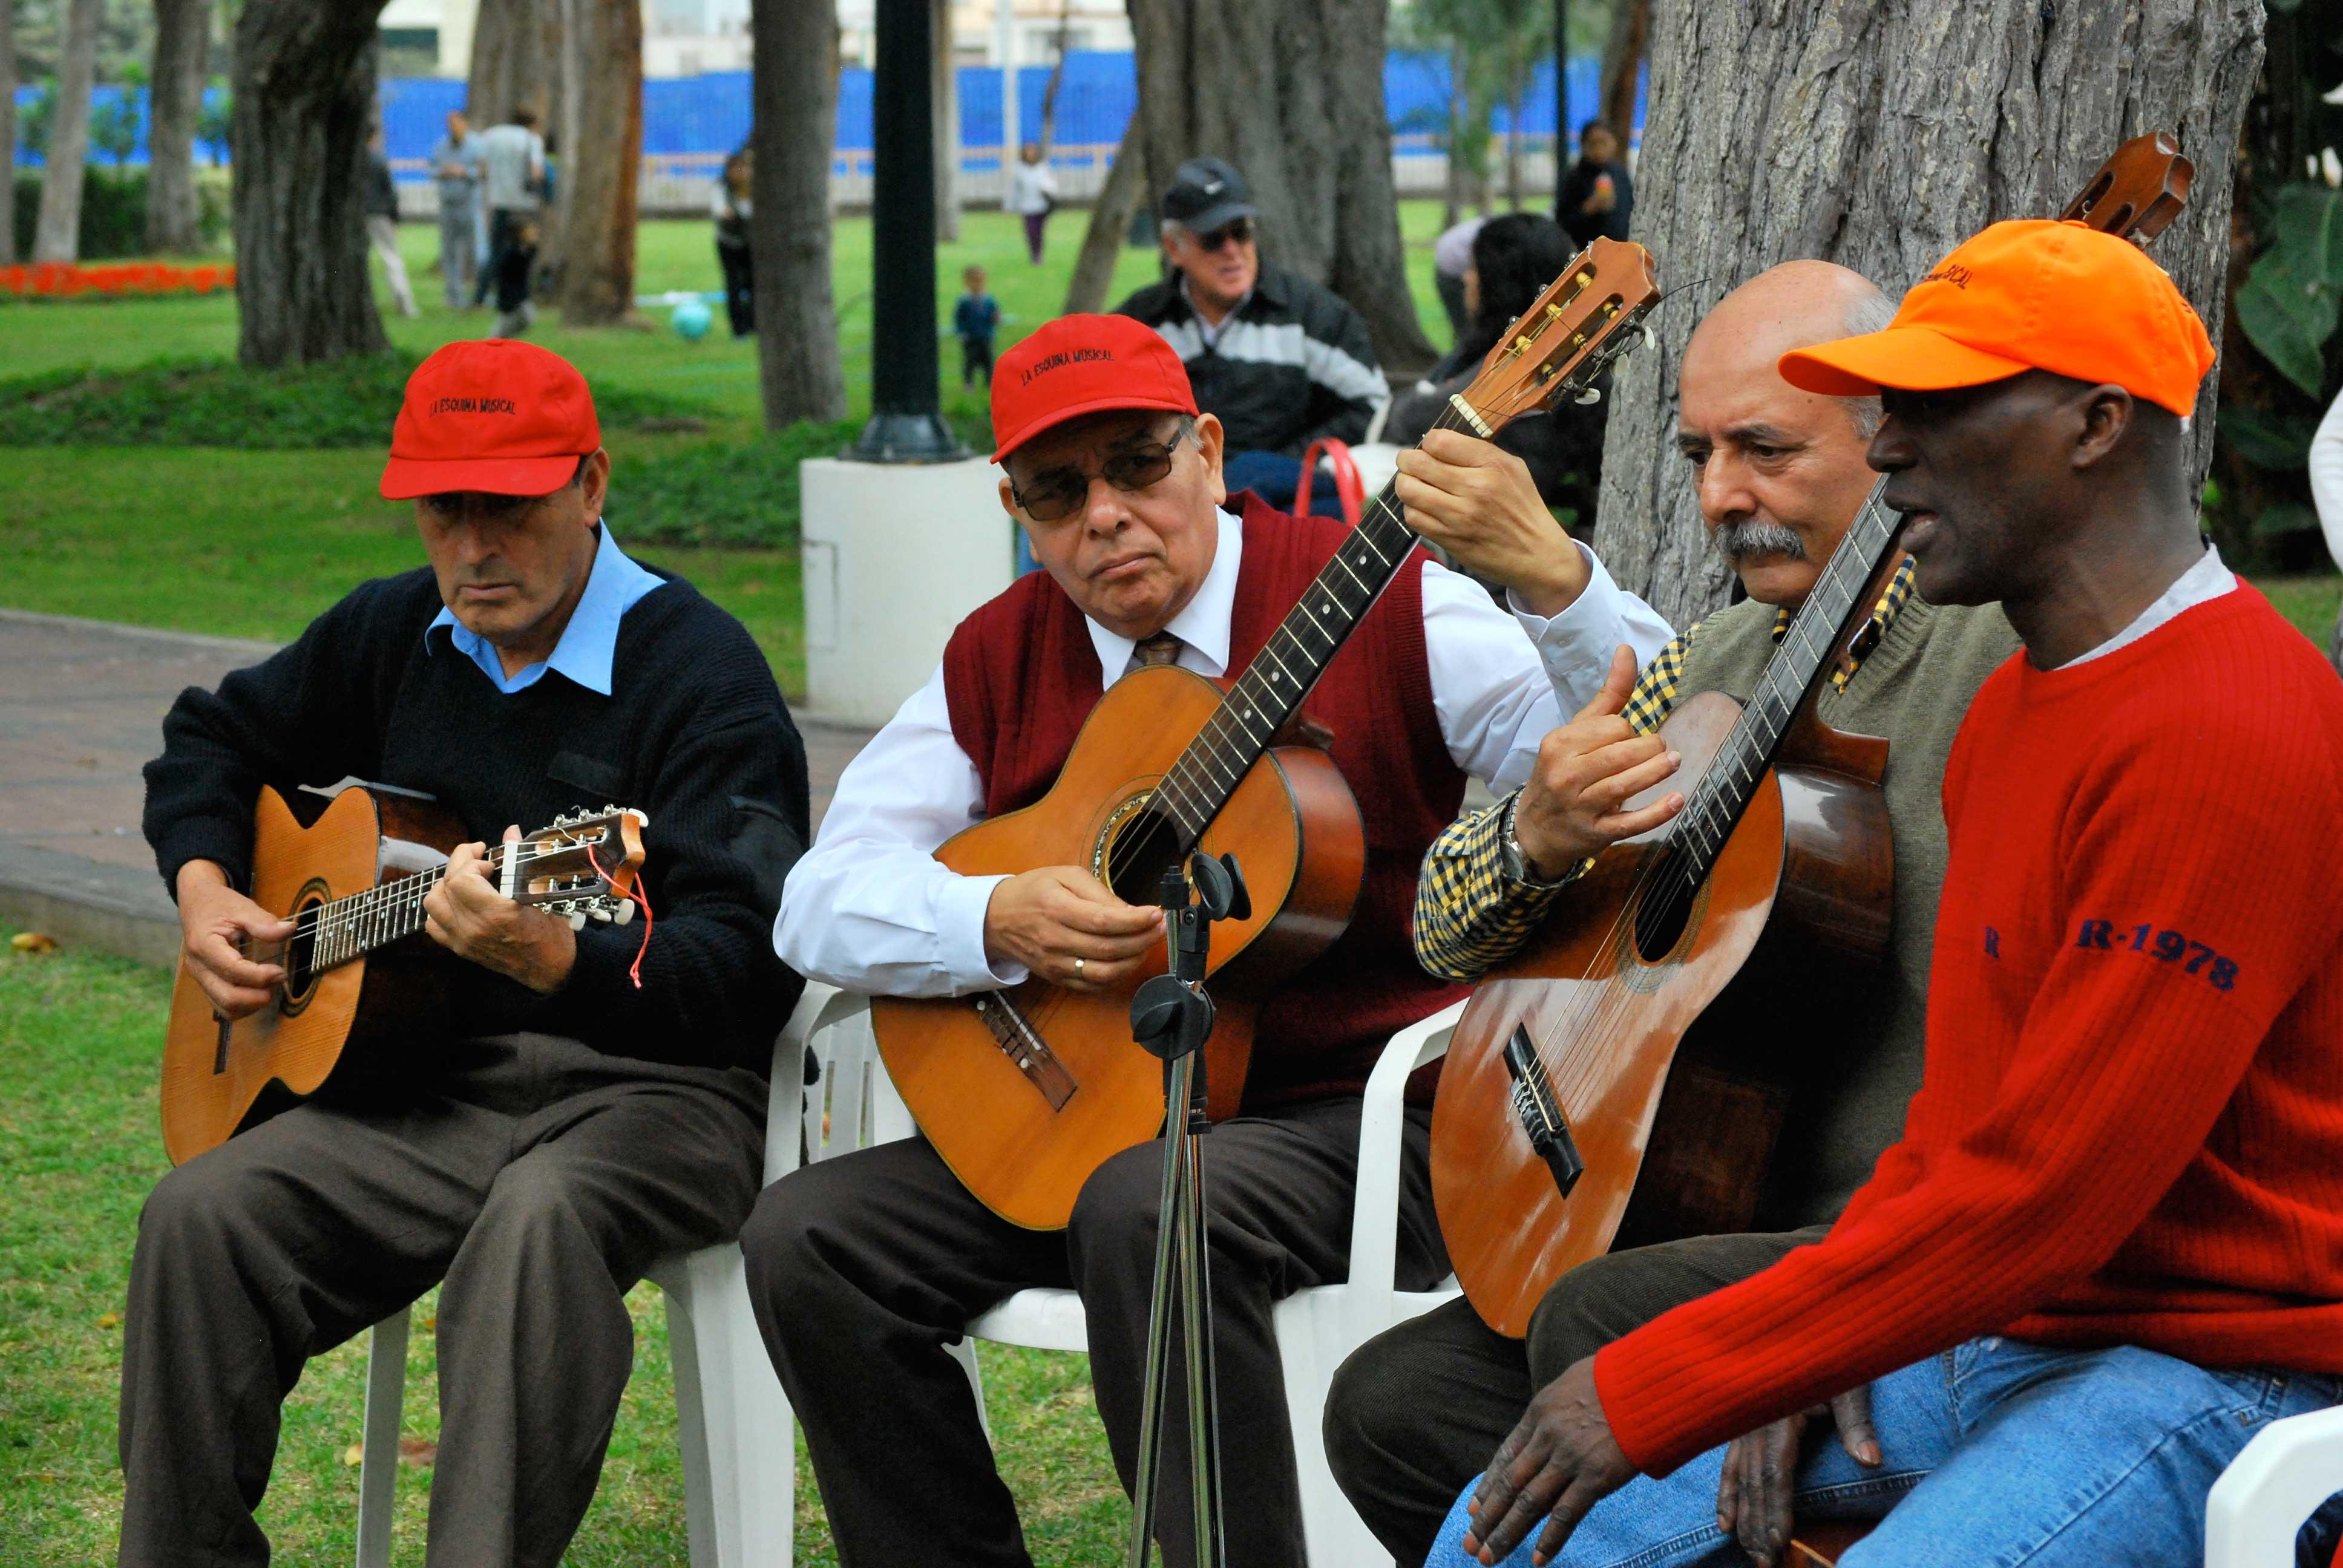 Grupo de Musicos da Esquina Musical no Parque Reducto em Lima